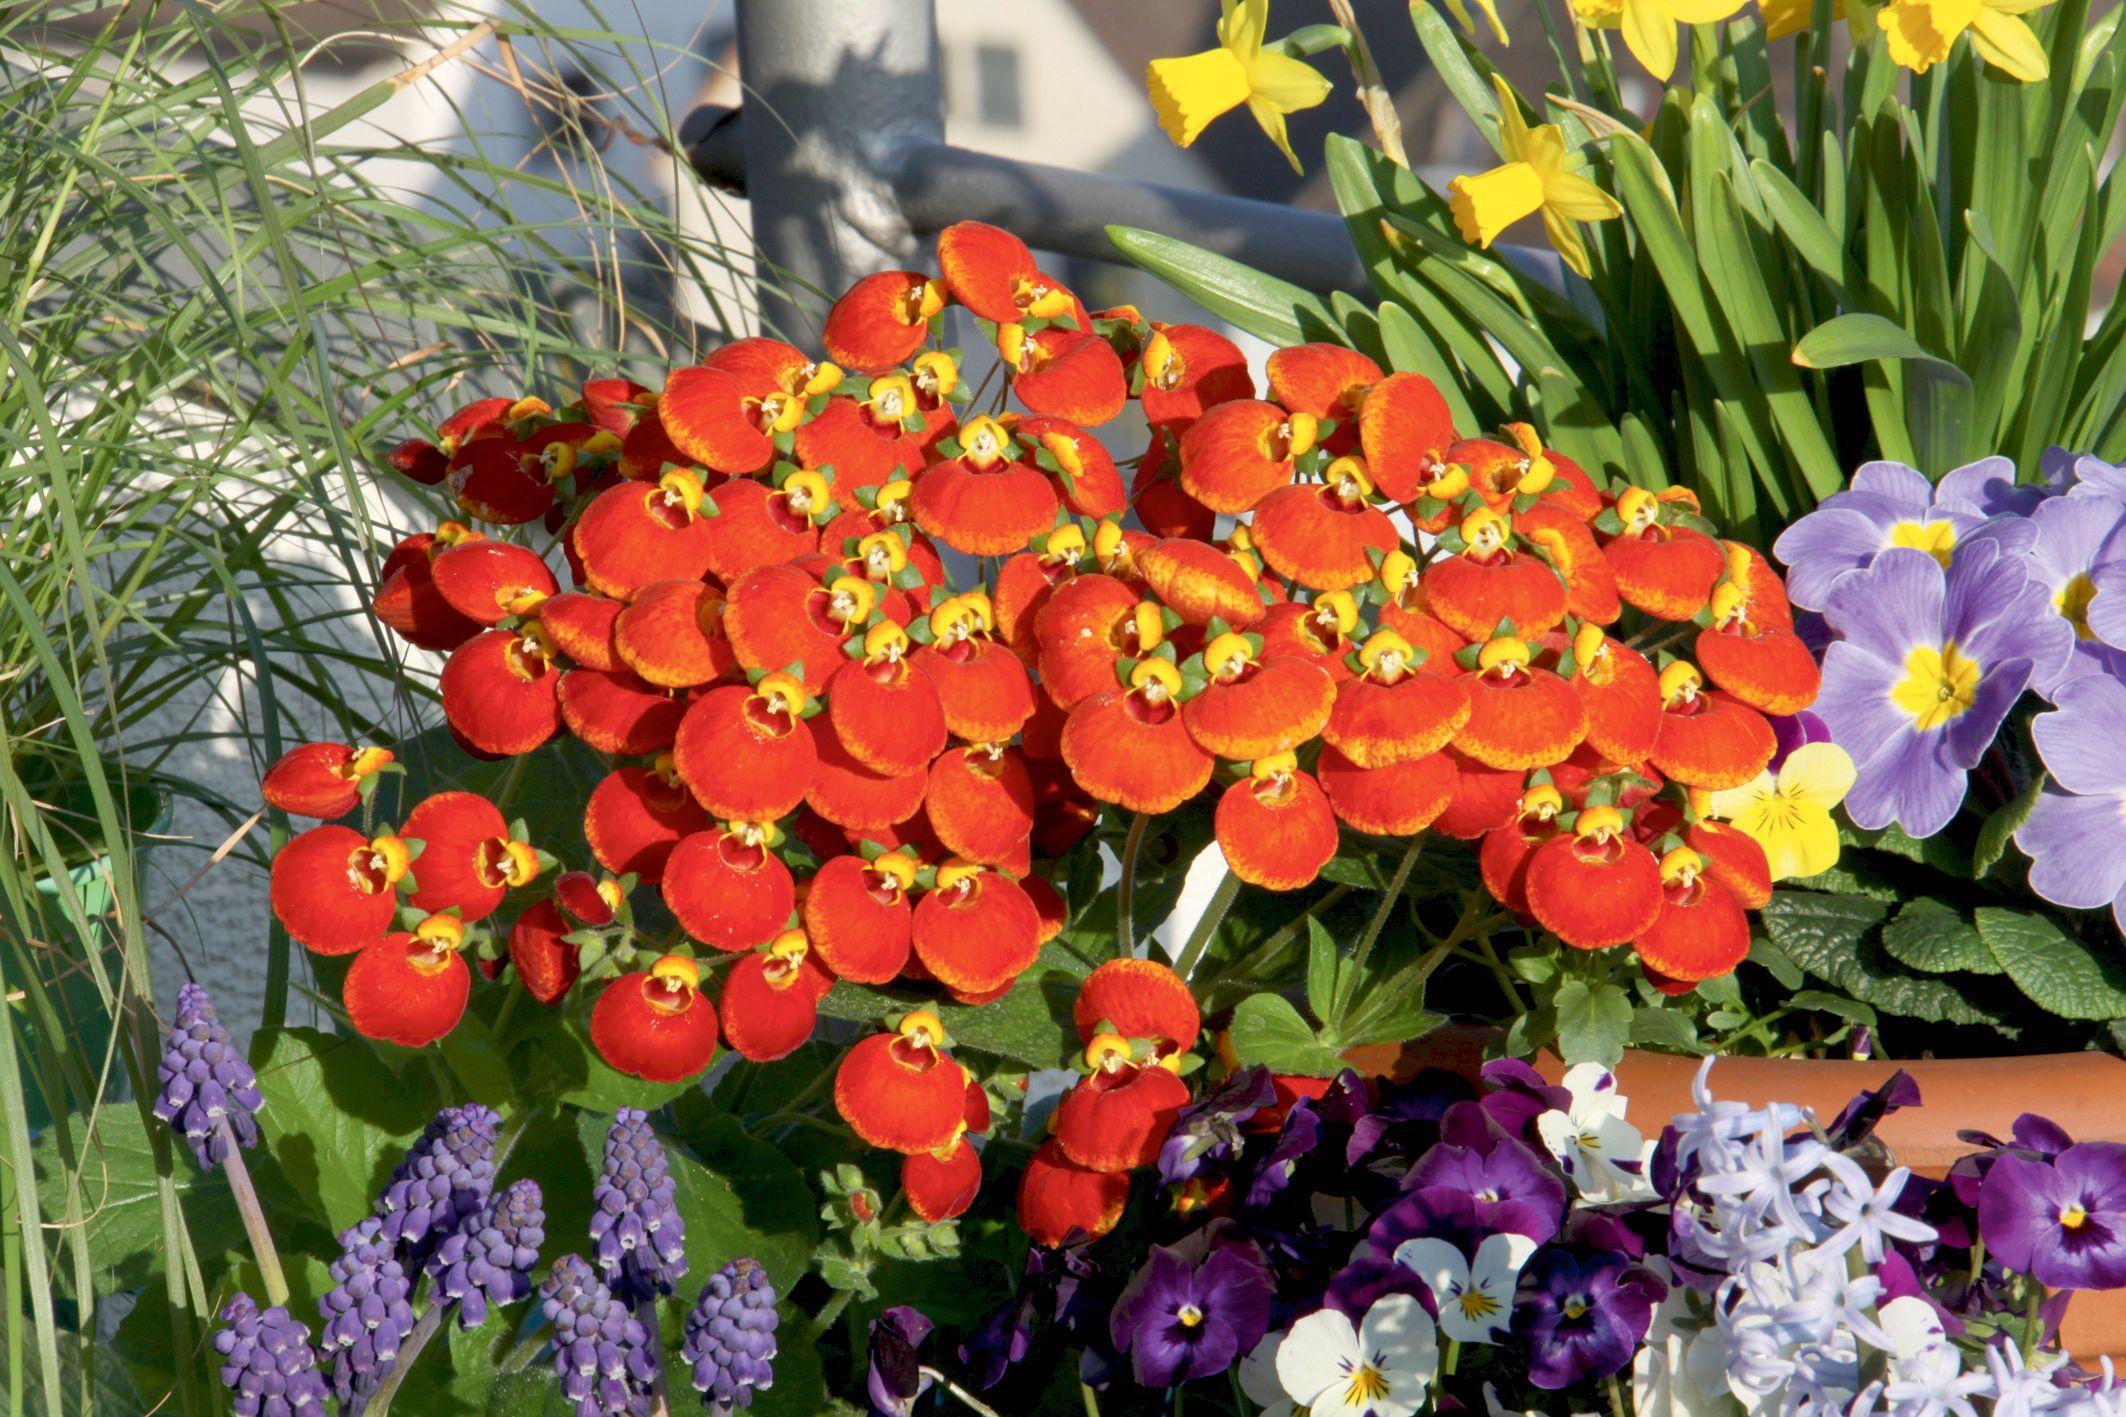 Calynopsis Die Balkonorchidee Obi Garten Blumen Wunderschöne